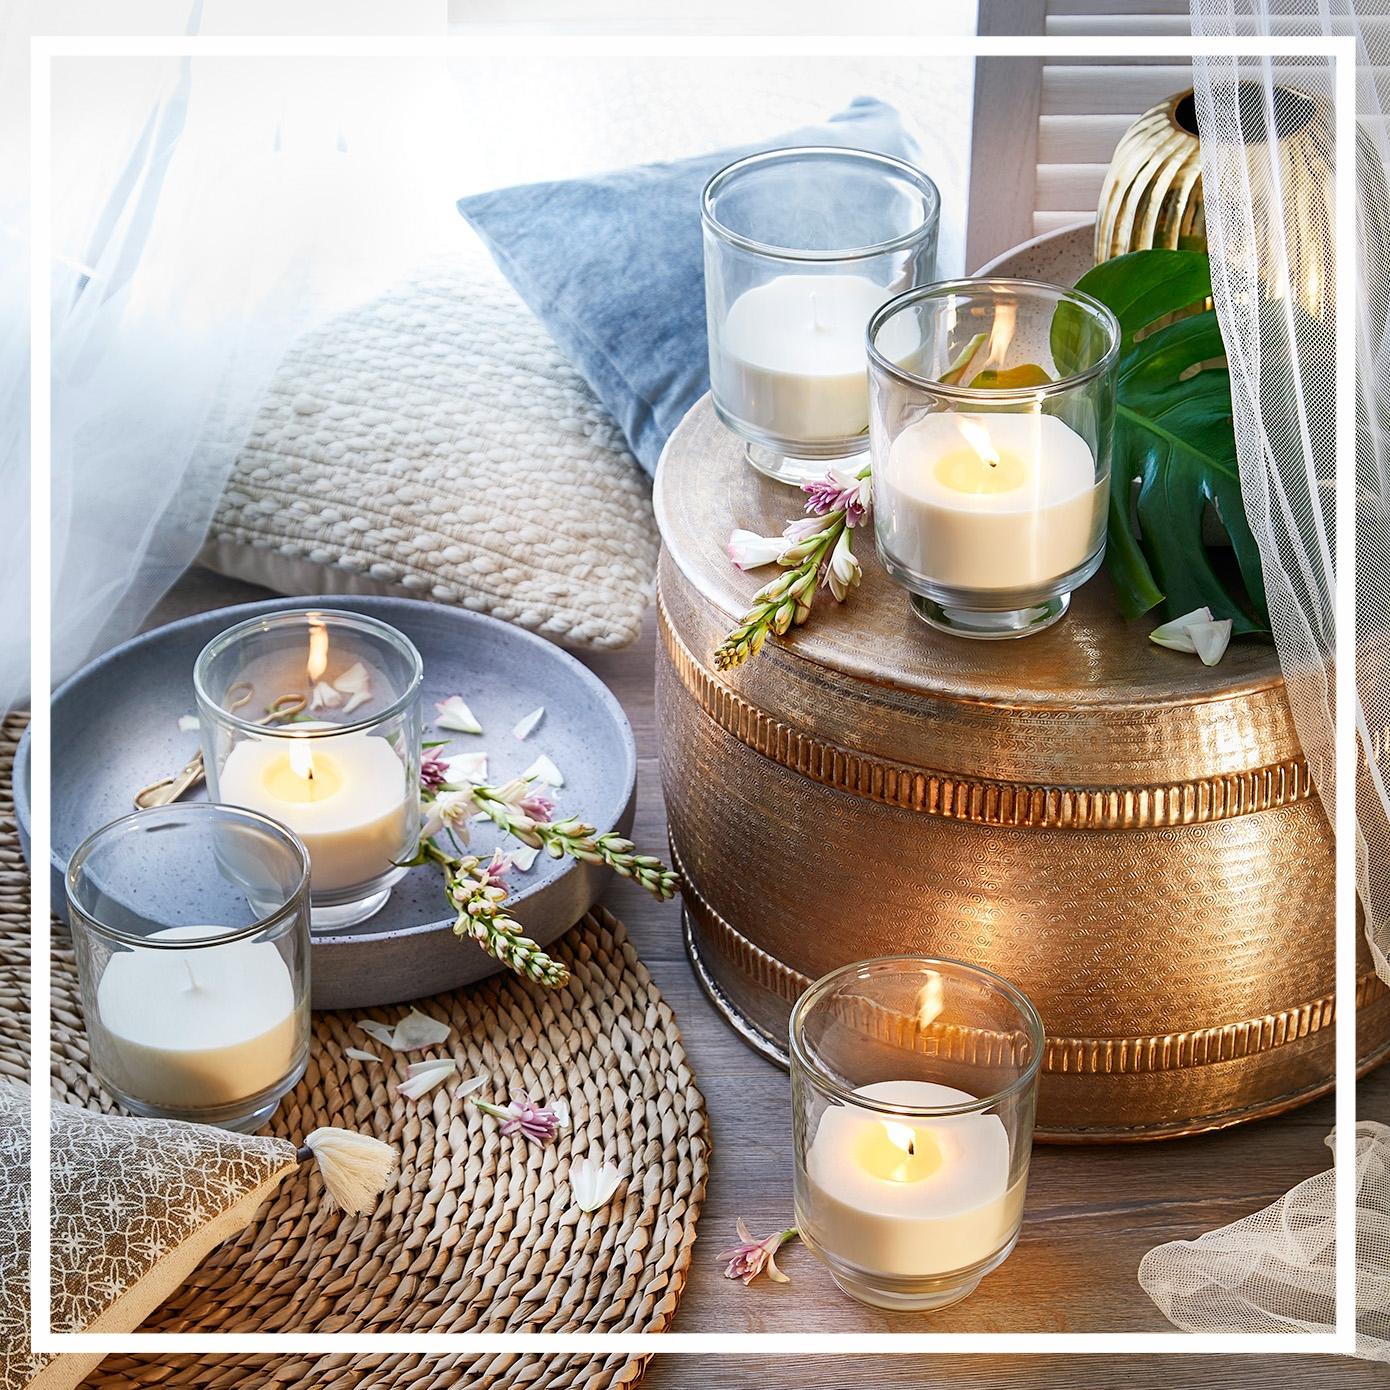 engels kerzen engels duftkerzen besondere geschenkideen lebenswerte. Black Bedroom Furniture Sets. Home Design Ideas